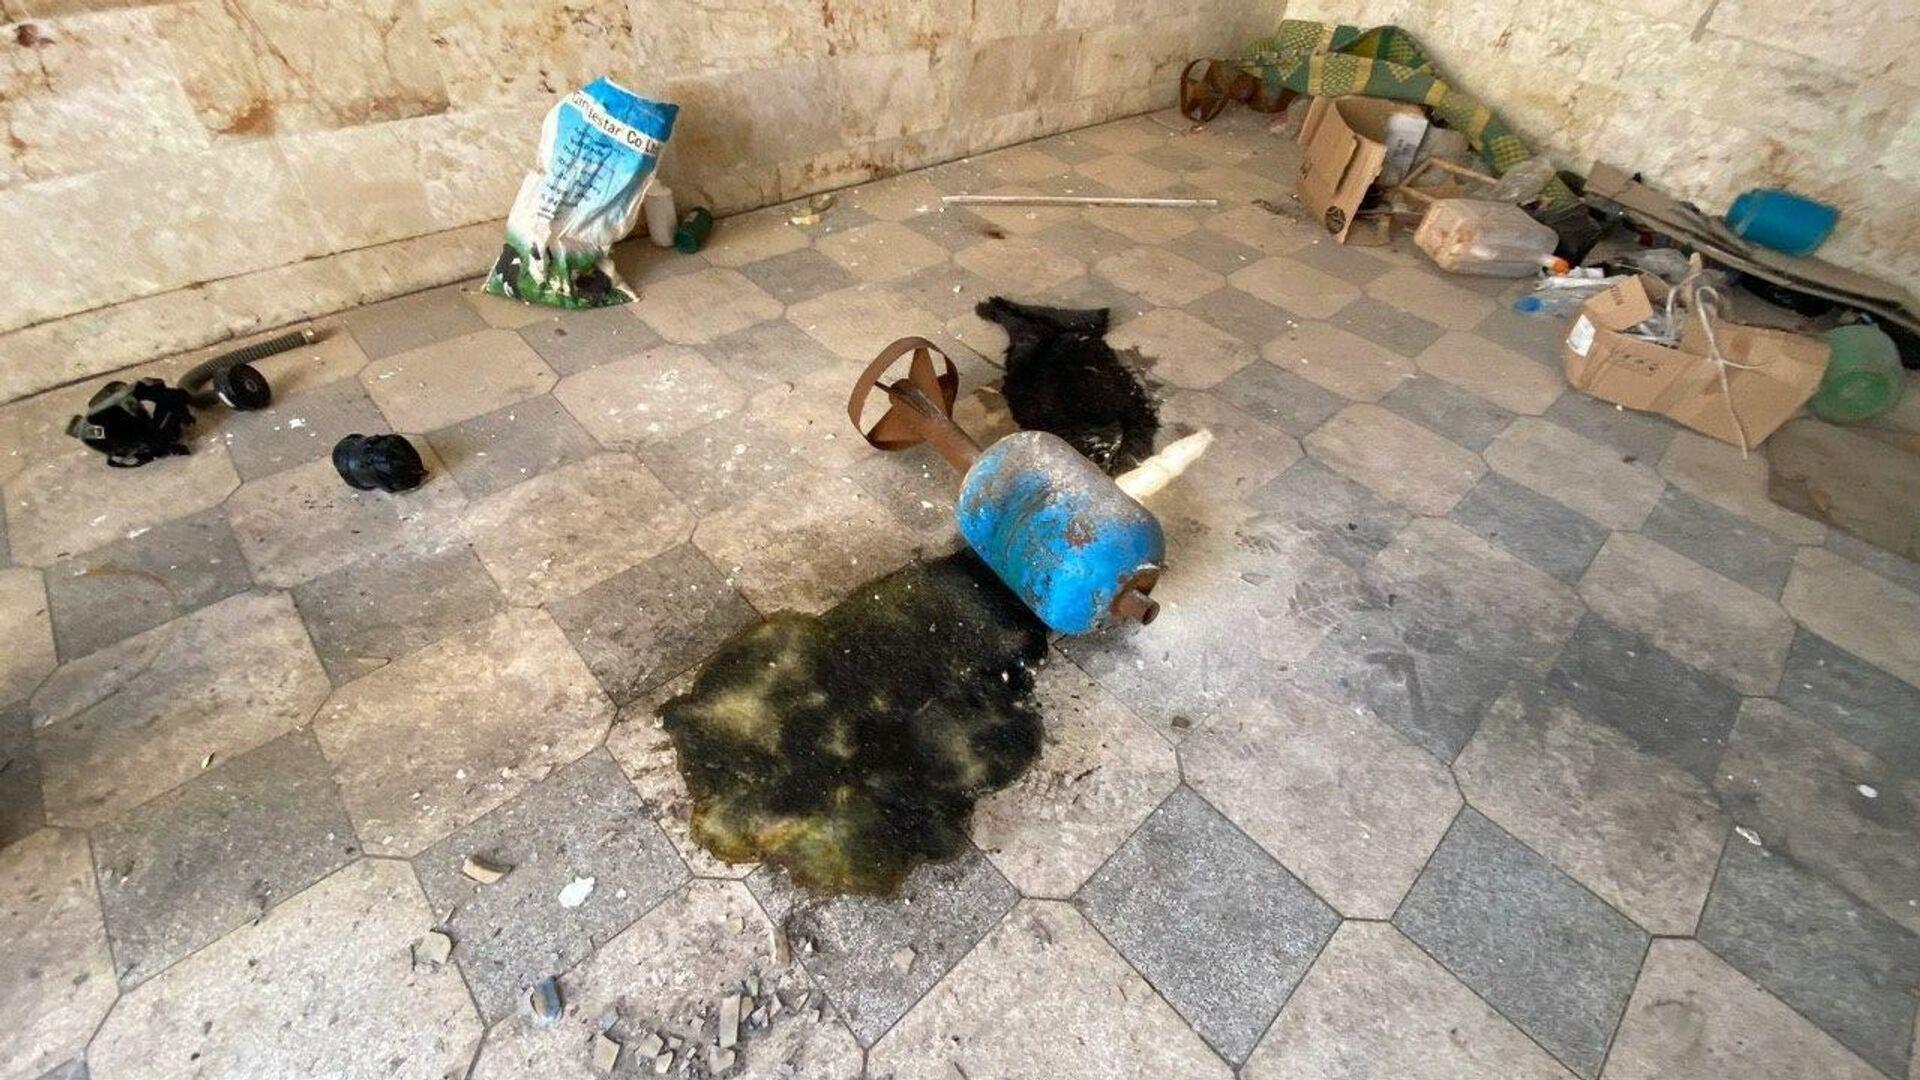 Место, где террористы готовили провокацию с химически отравляющим веществом в городе Саракеб в провинции Идлиб, Сирия - РИА Новости, 1920, 30.11.2020